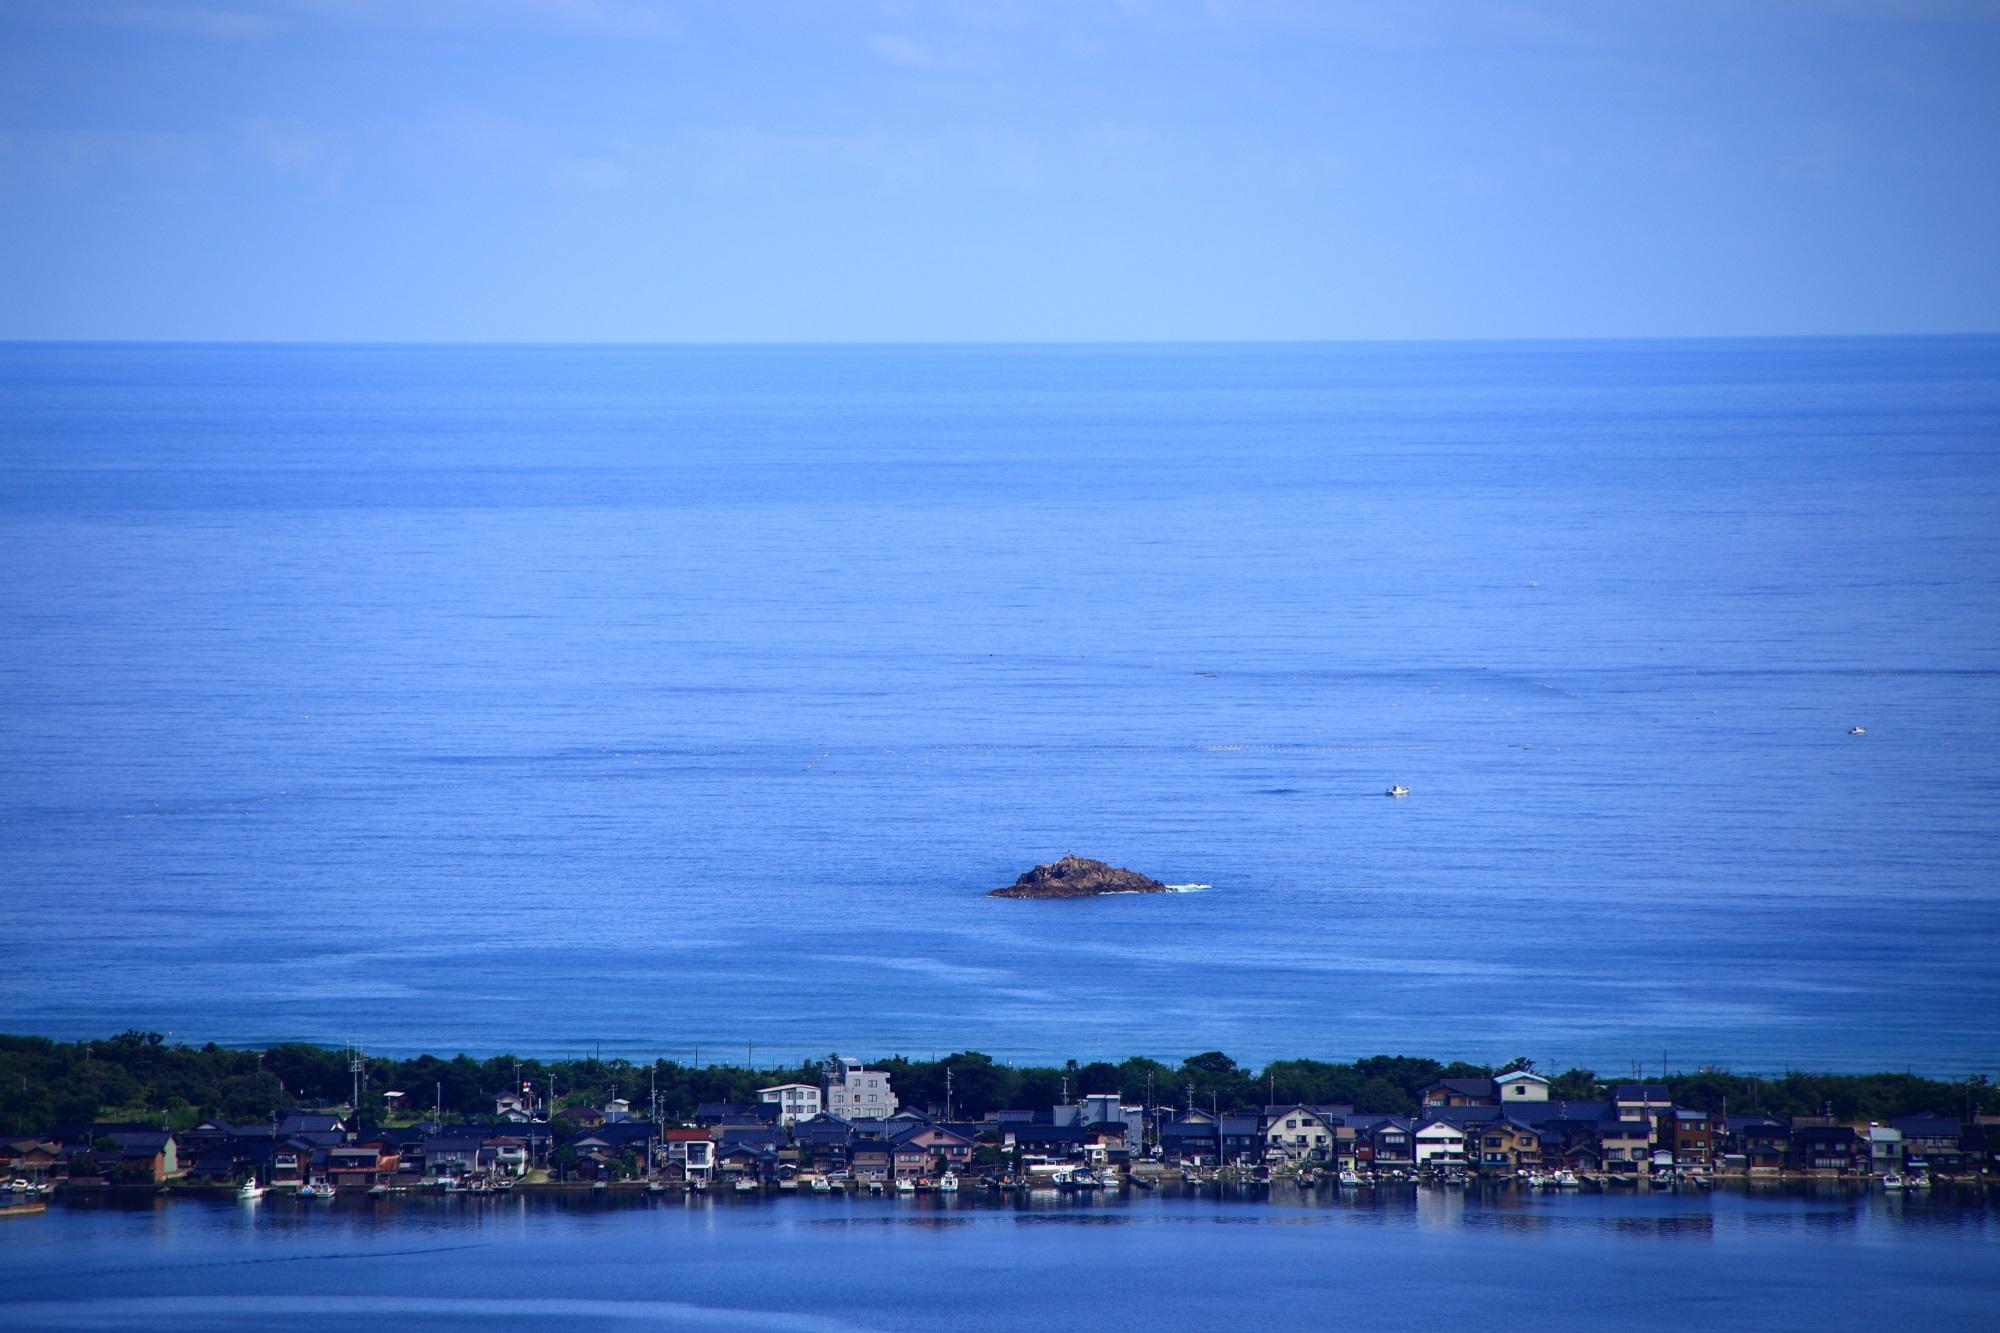 久美浜湾と日本海の間の砂州(中州)に建ち並ぶ海の家